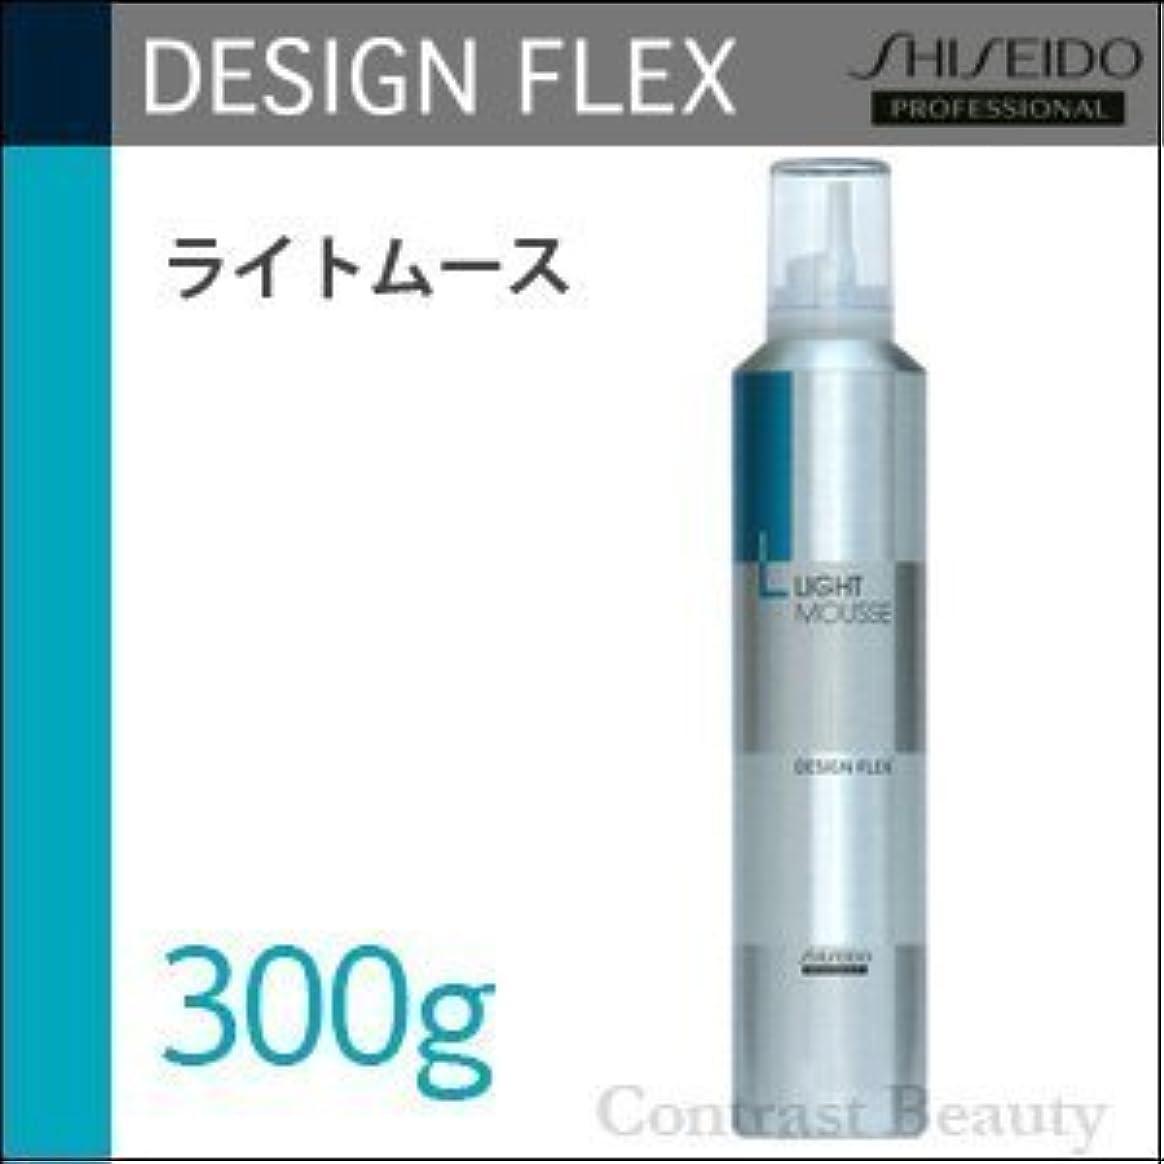 可能テレマコス誘導資生堂プロフェッショナル デザインフレックス ライトムース 300g